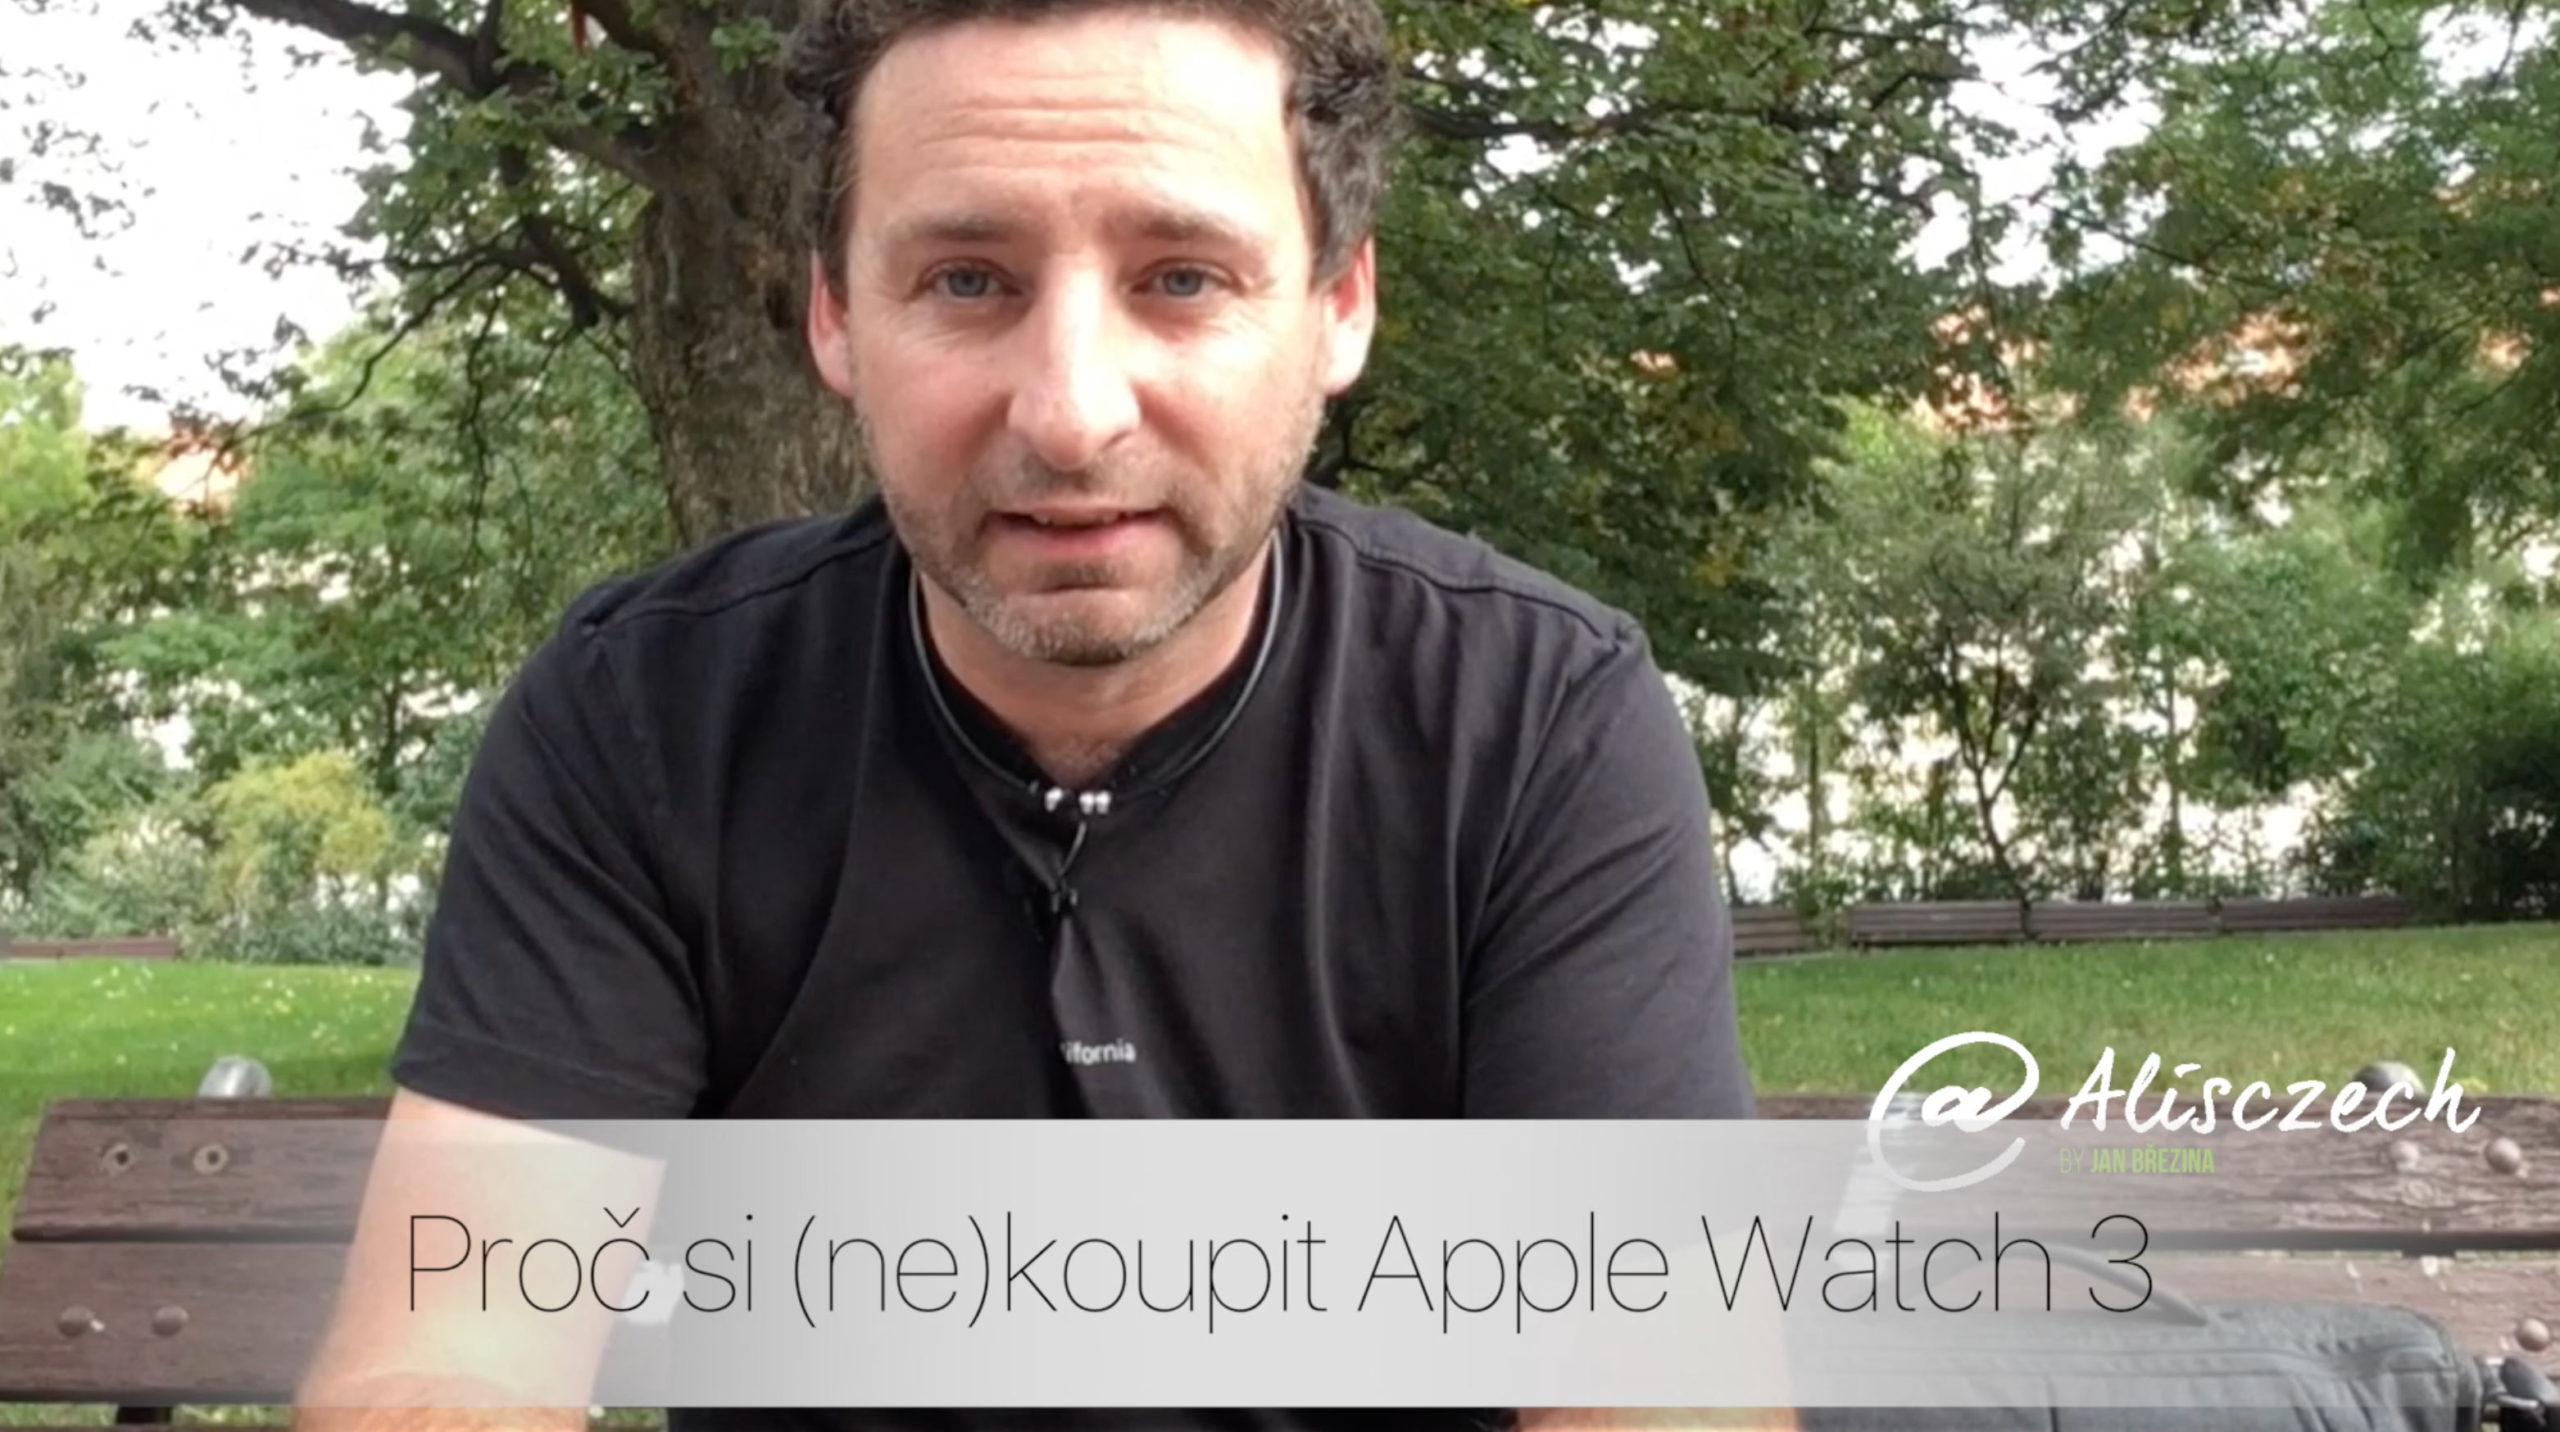 Proč si (ne)pořídit Apple Watch 3